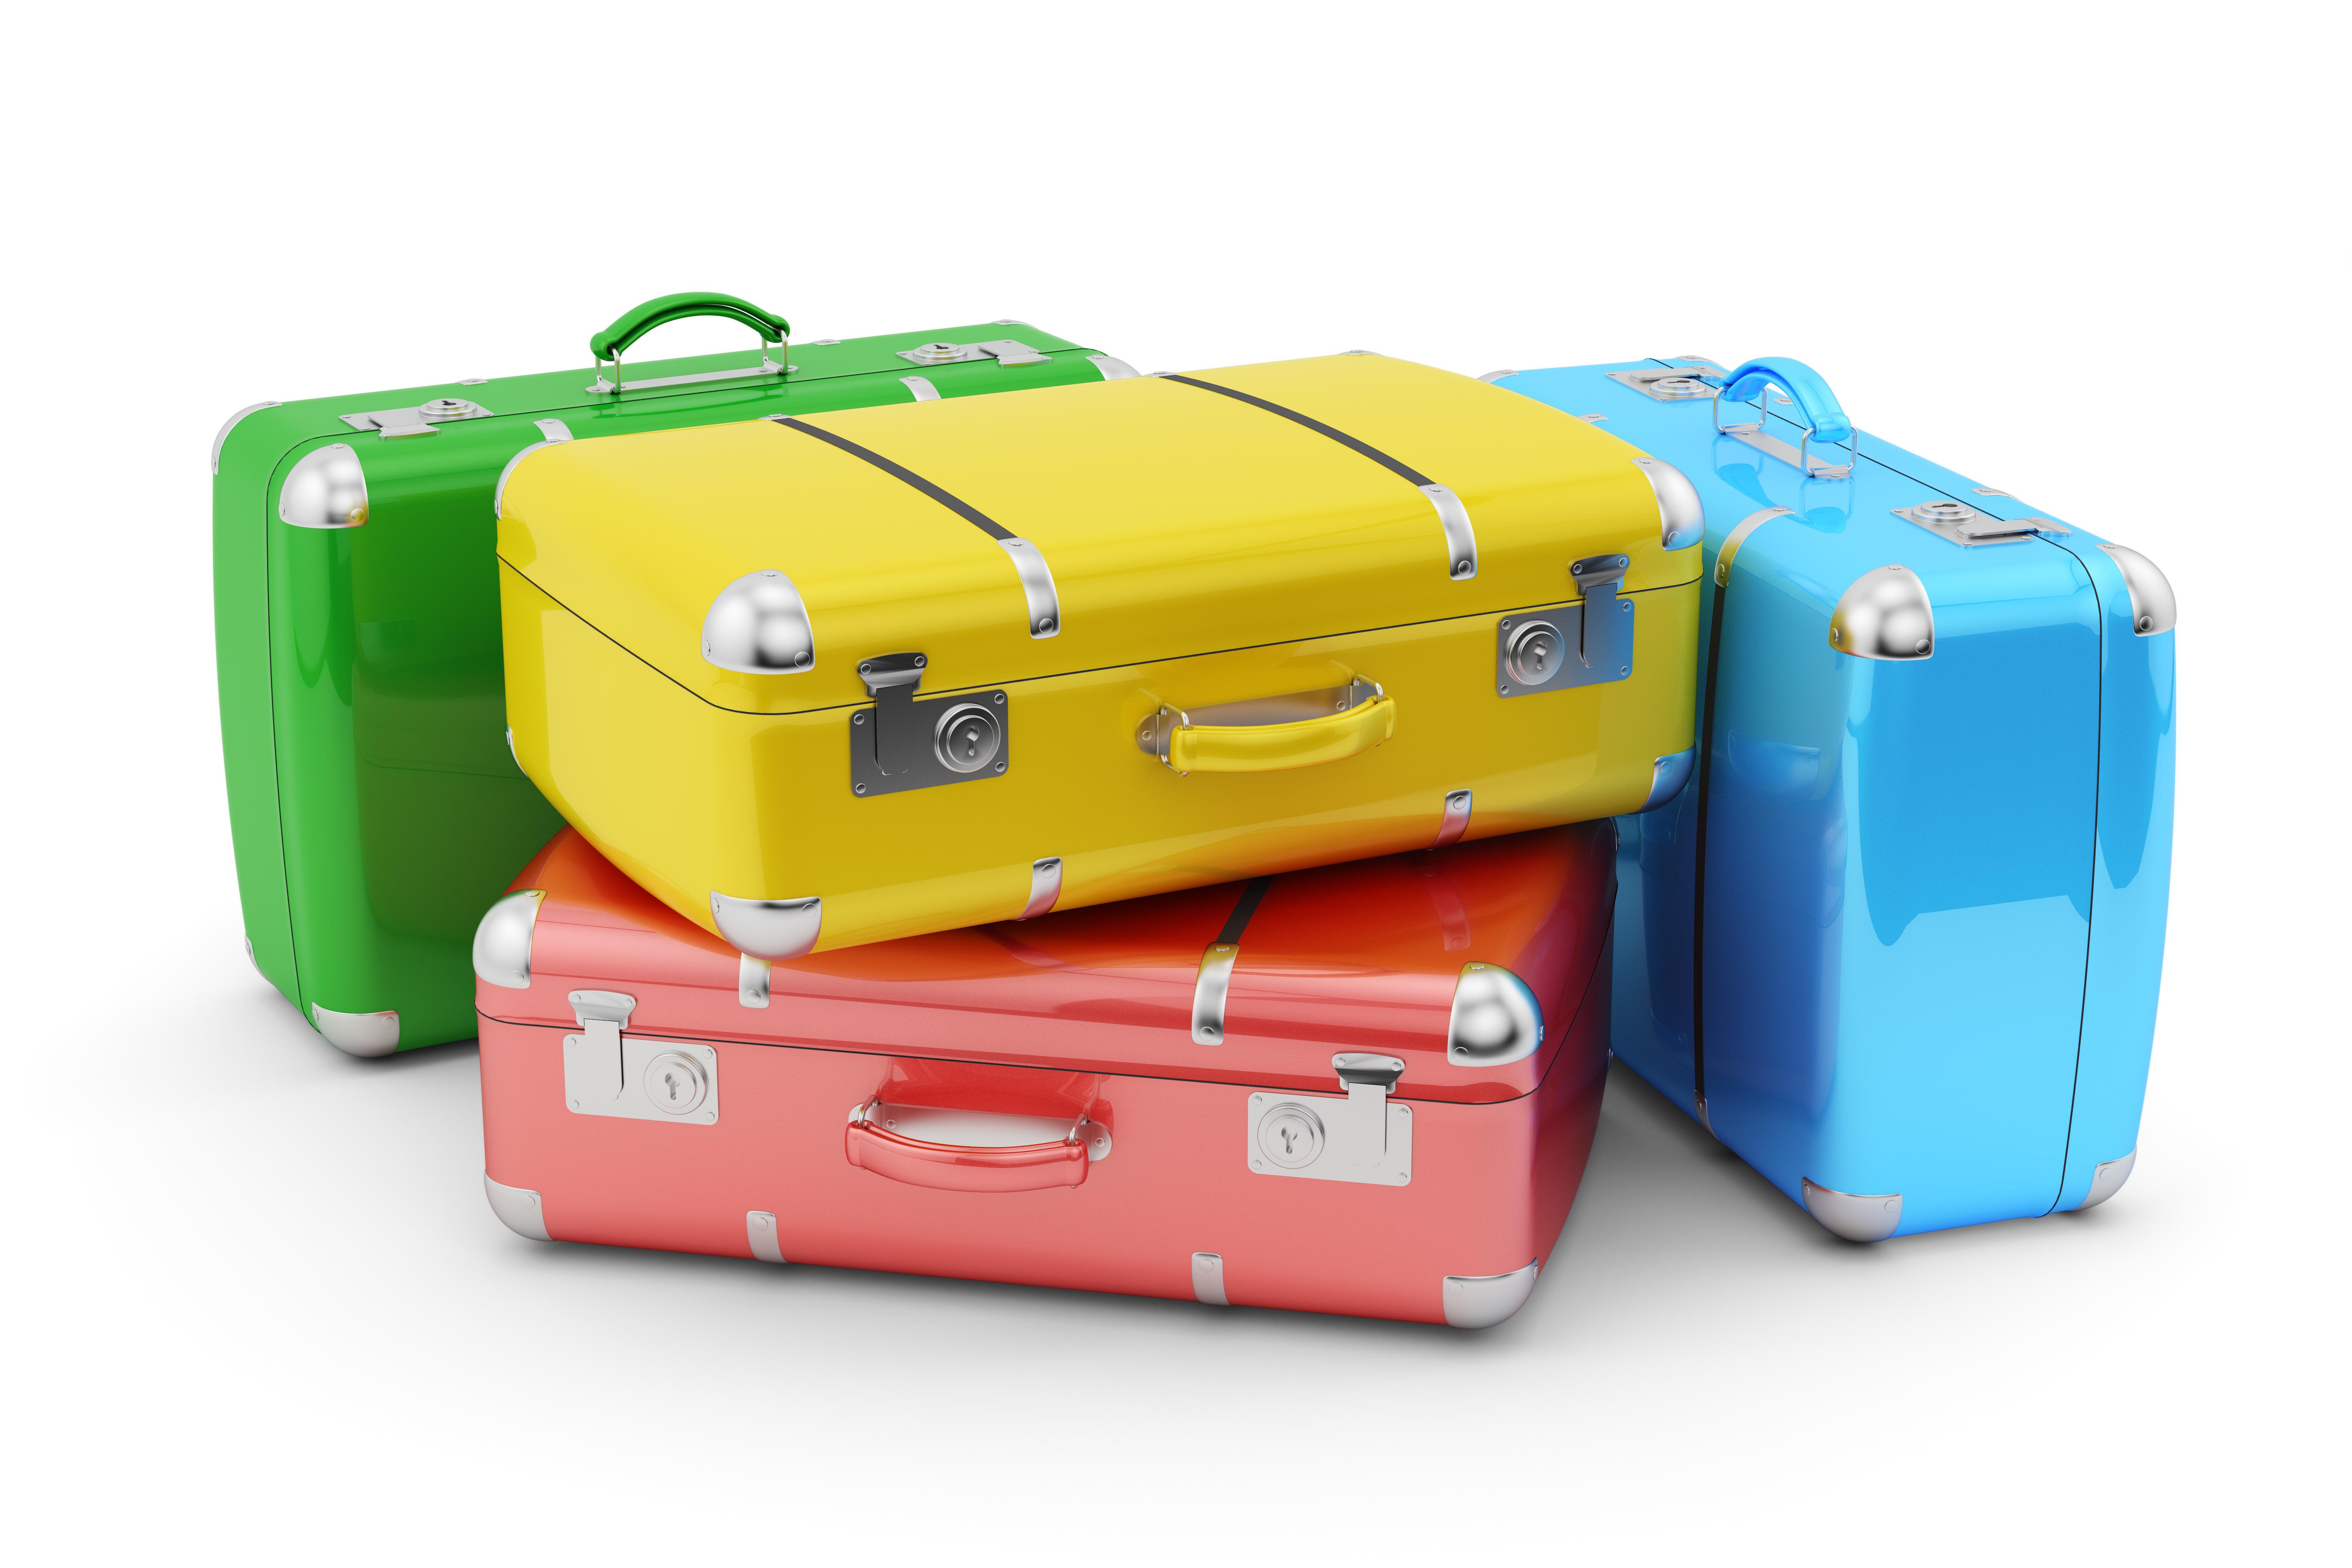 9c09a7876b8c7 Bagaż podręczny – stylowo i wygodnie. Przegląd TOP walizek i toreb |  Skyscanner Polska